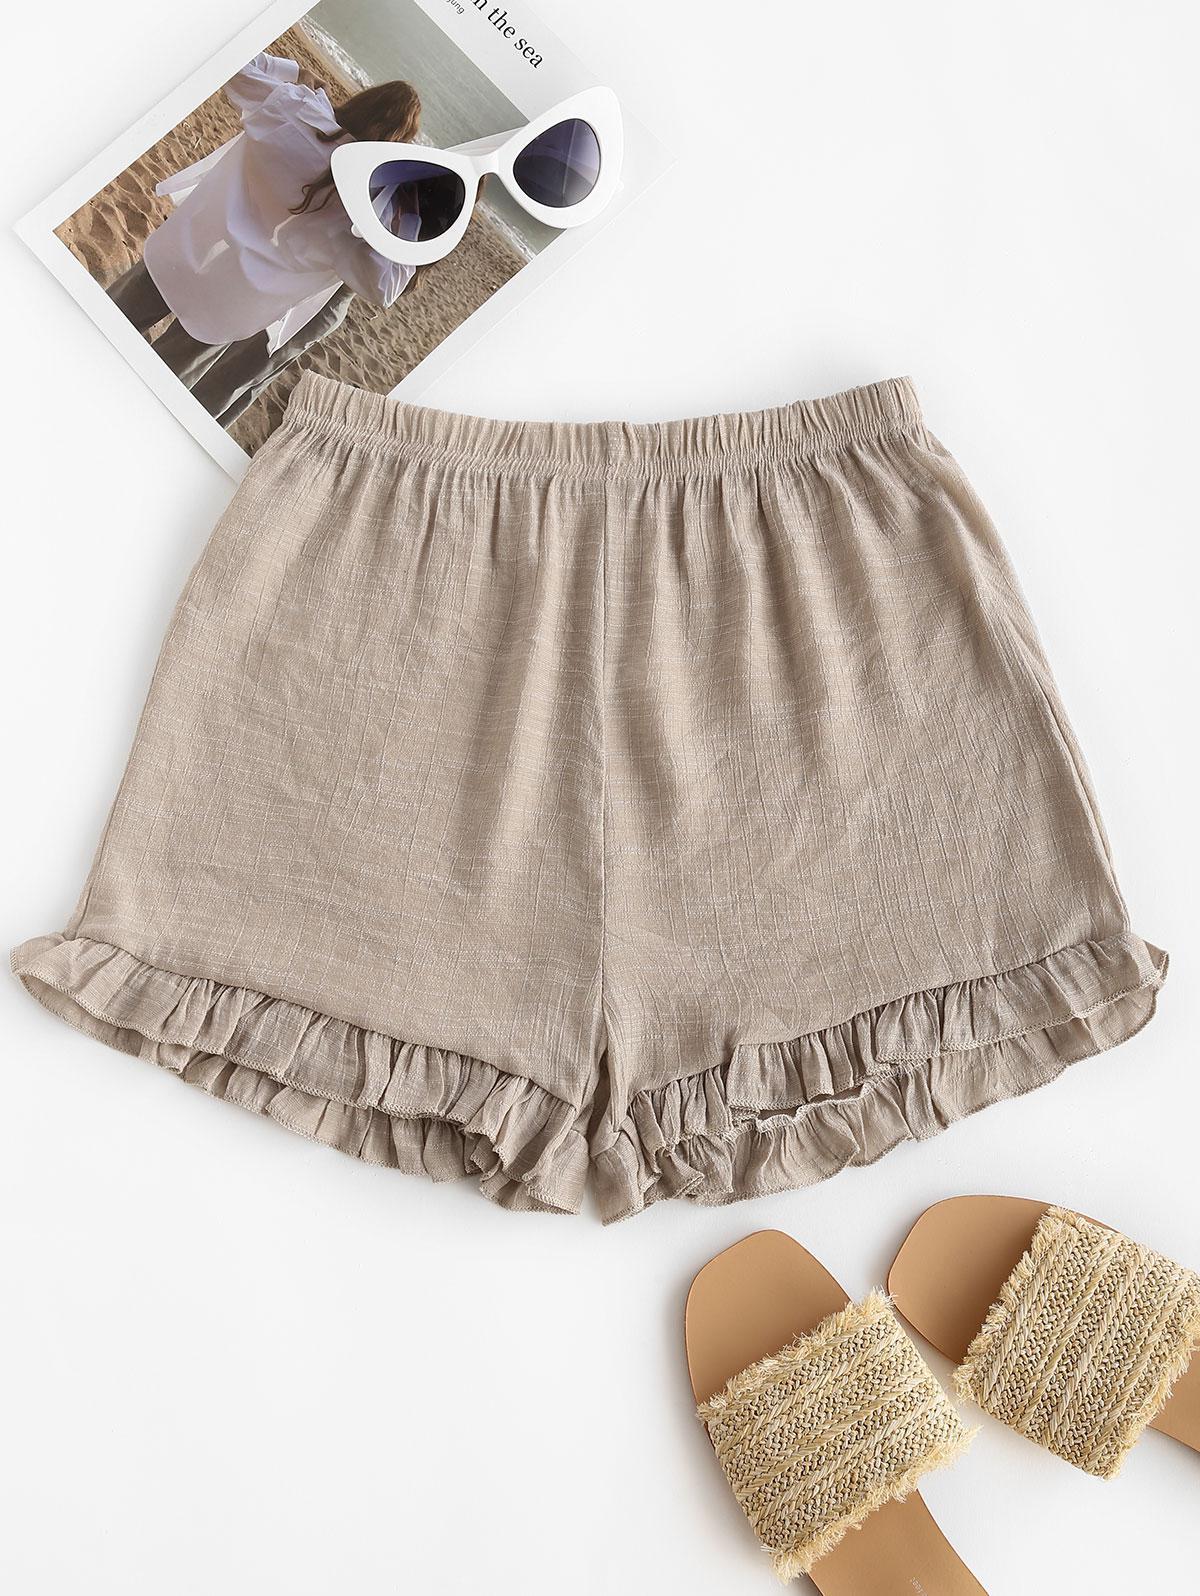 Semi-sheer Ruffled Beach Shorts